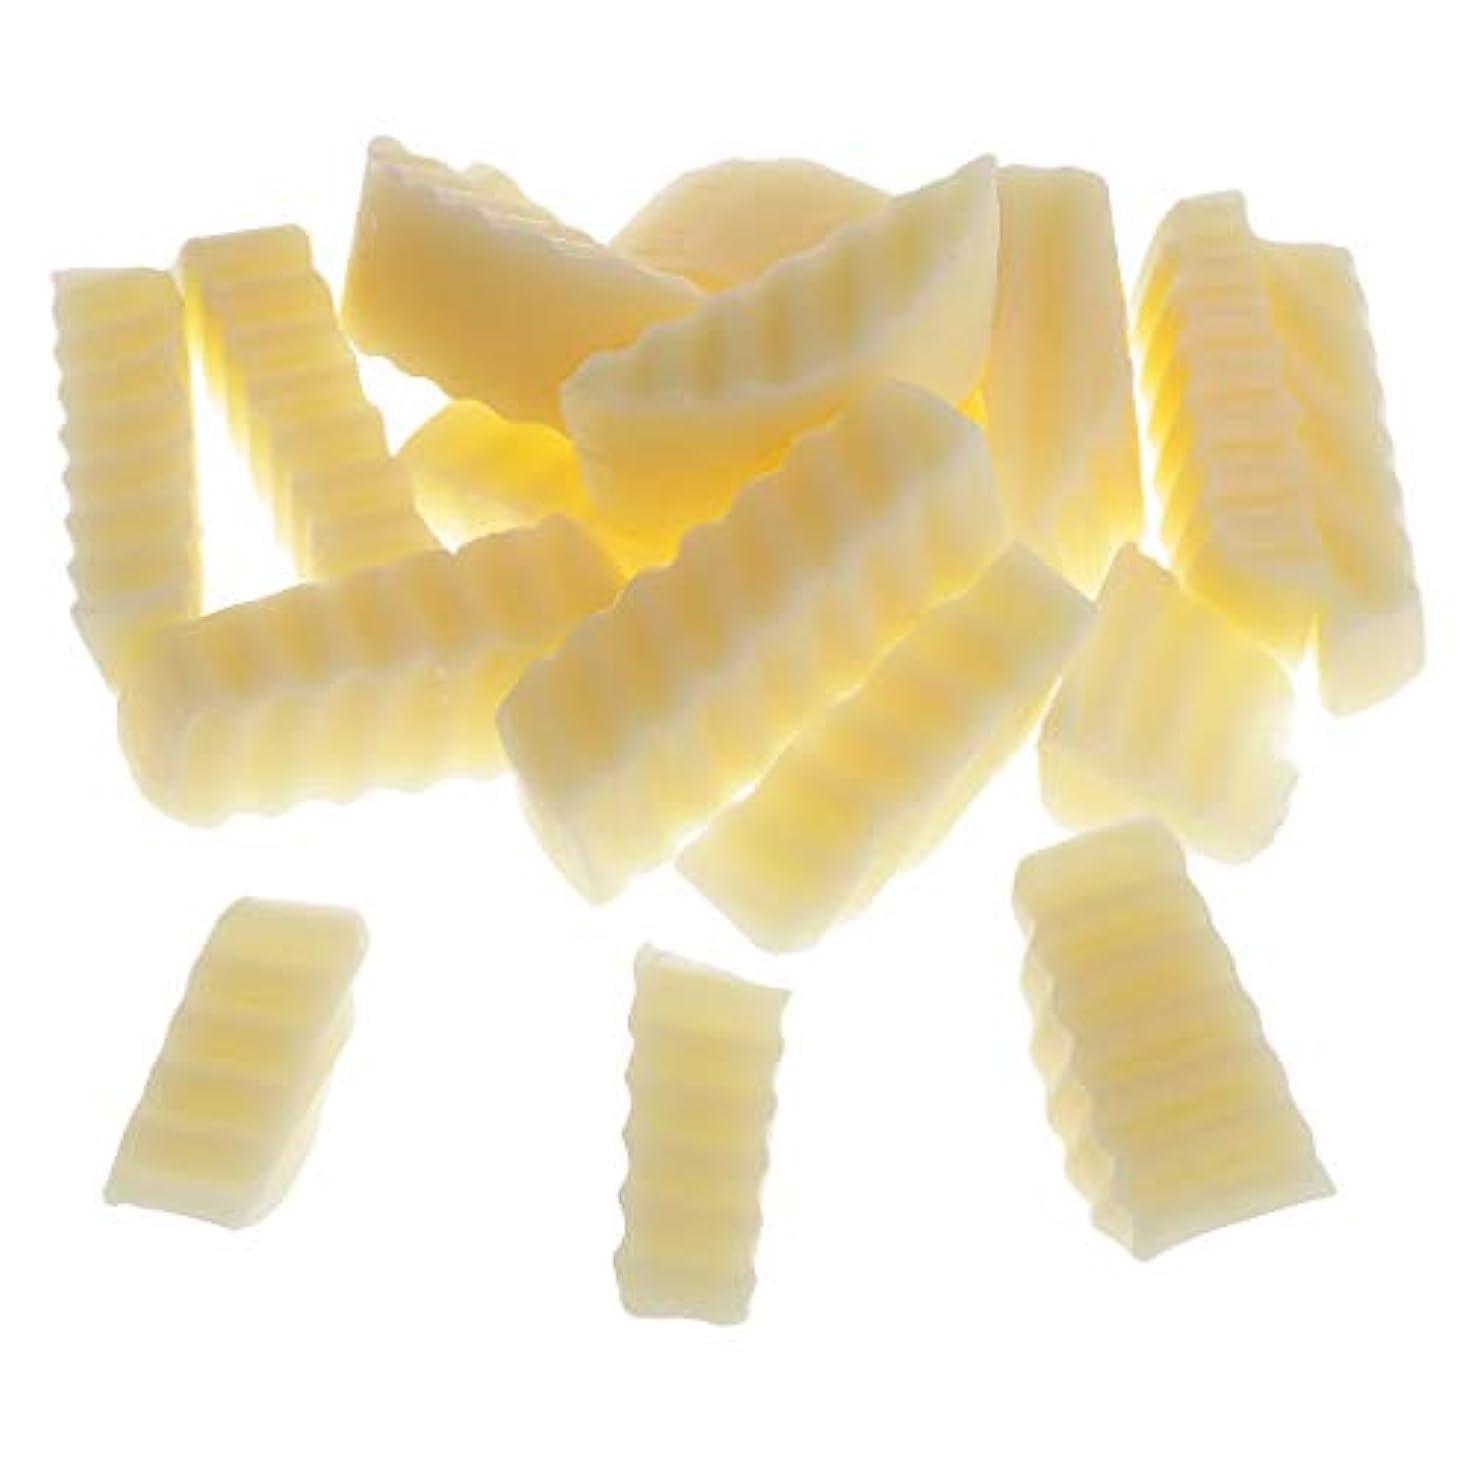 敬意を表するキー会計ラノリン石鹸 自然な素材 DIY手作り 石鹸 固形せっけん 約250g /パック 高品質